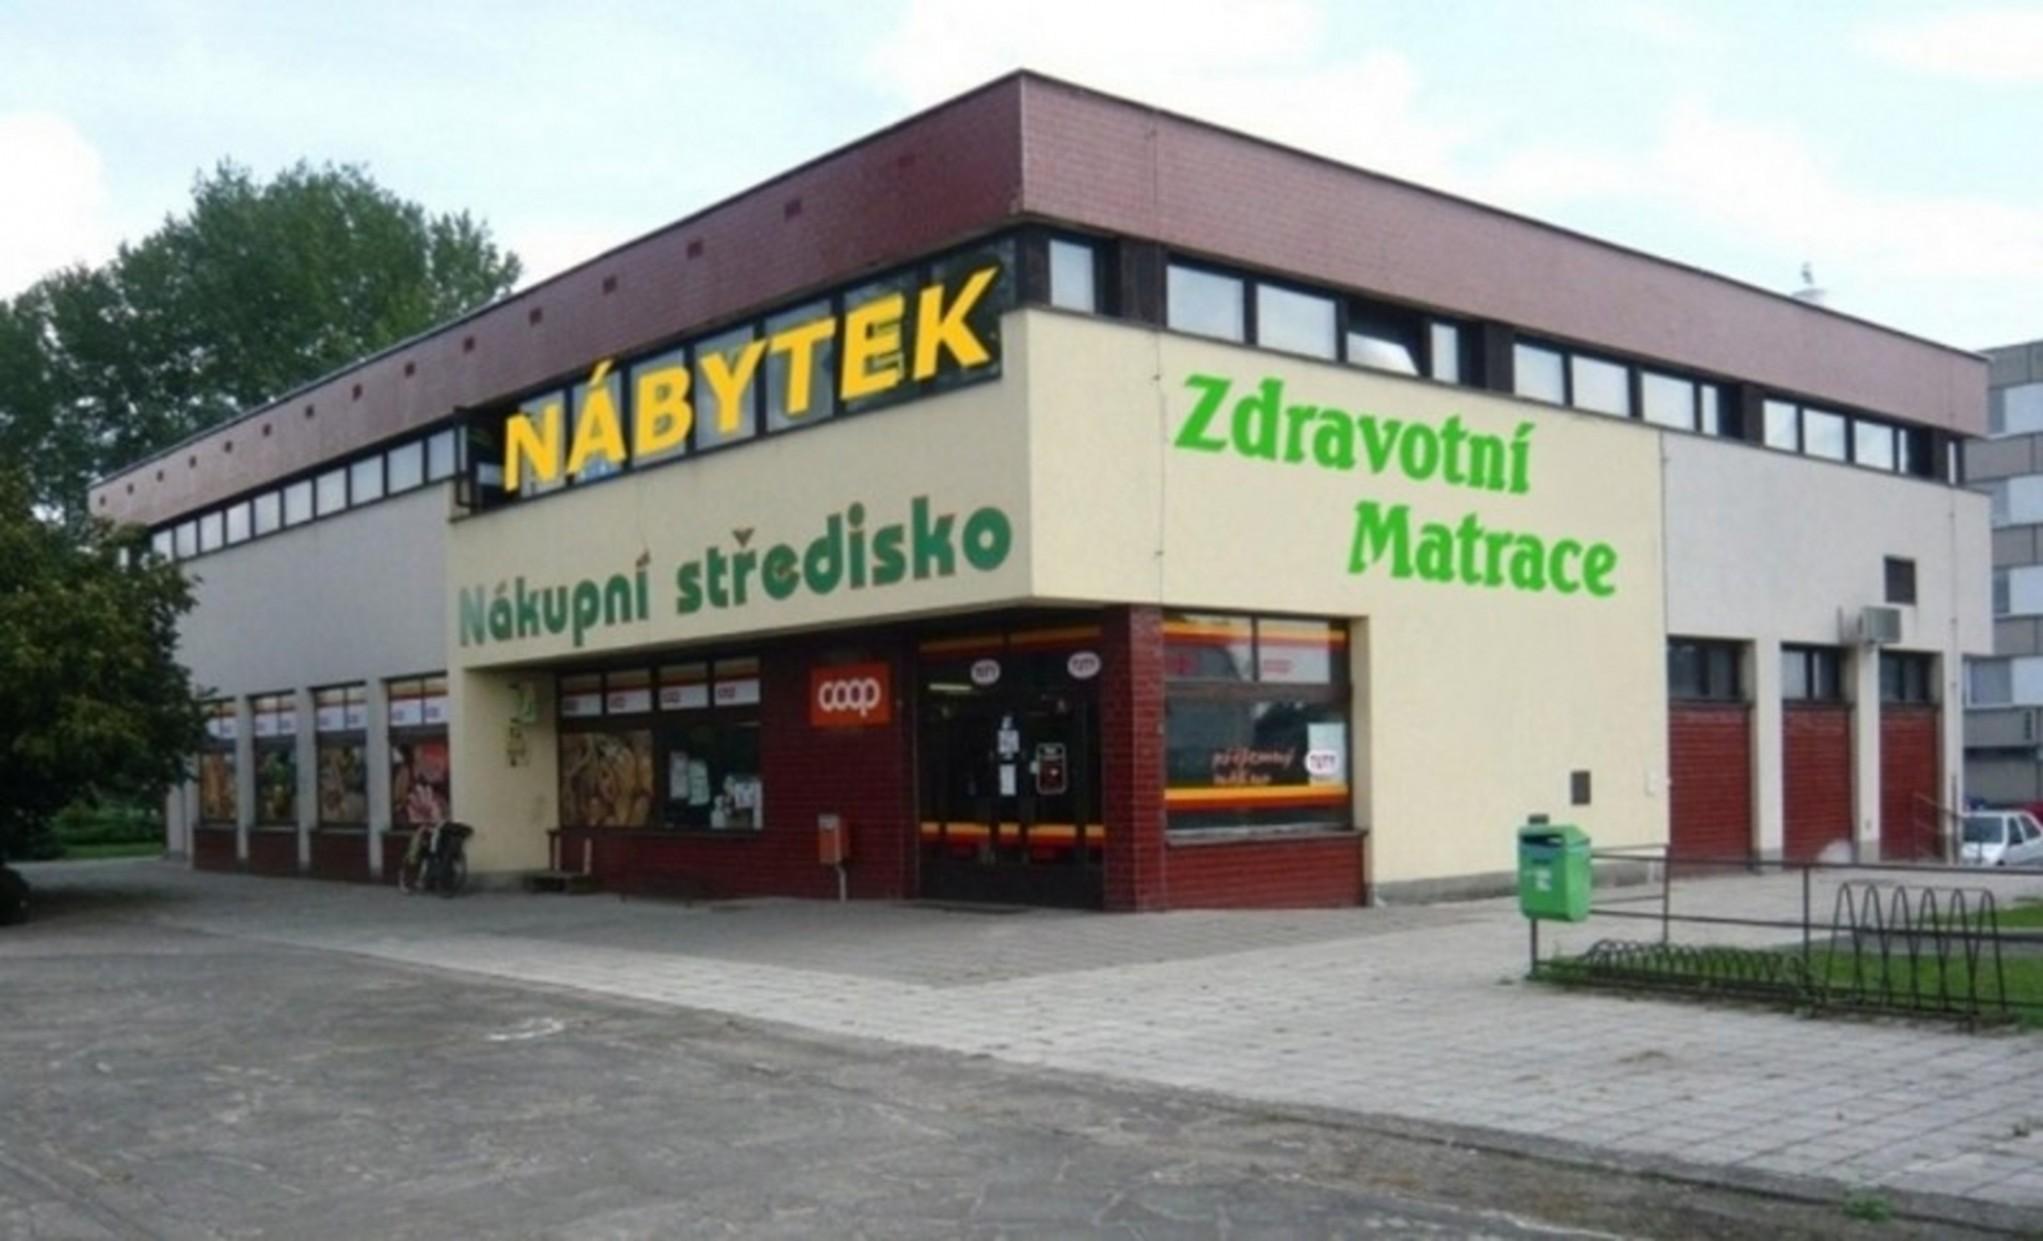 61 Nejvíce Fotografií z Nábytek Hradec Králové